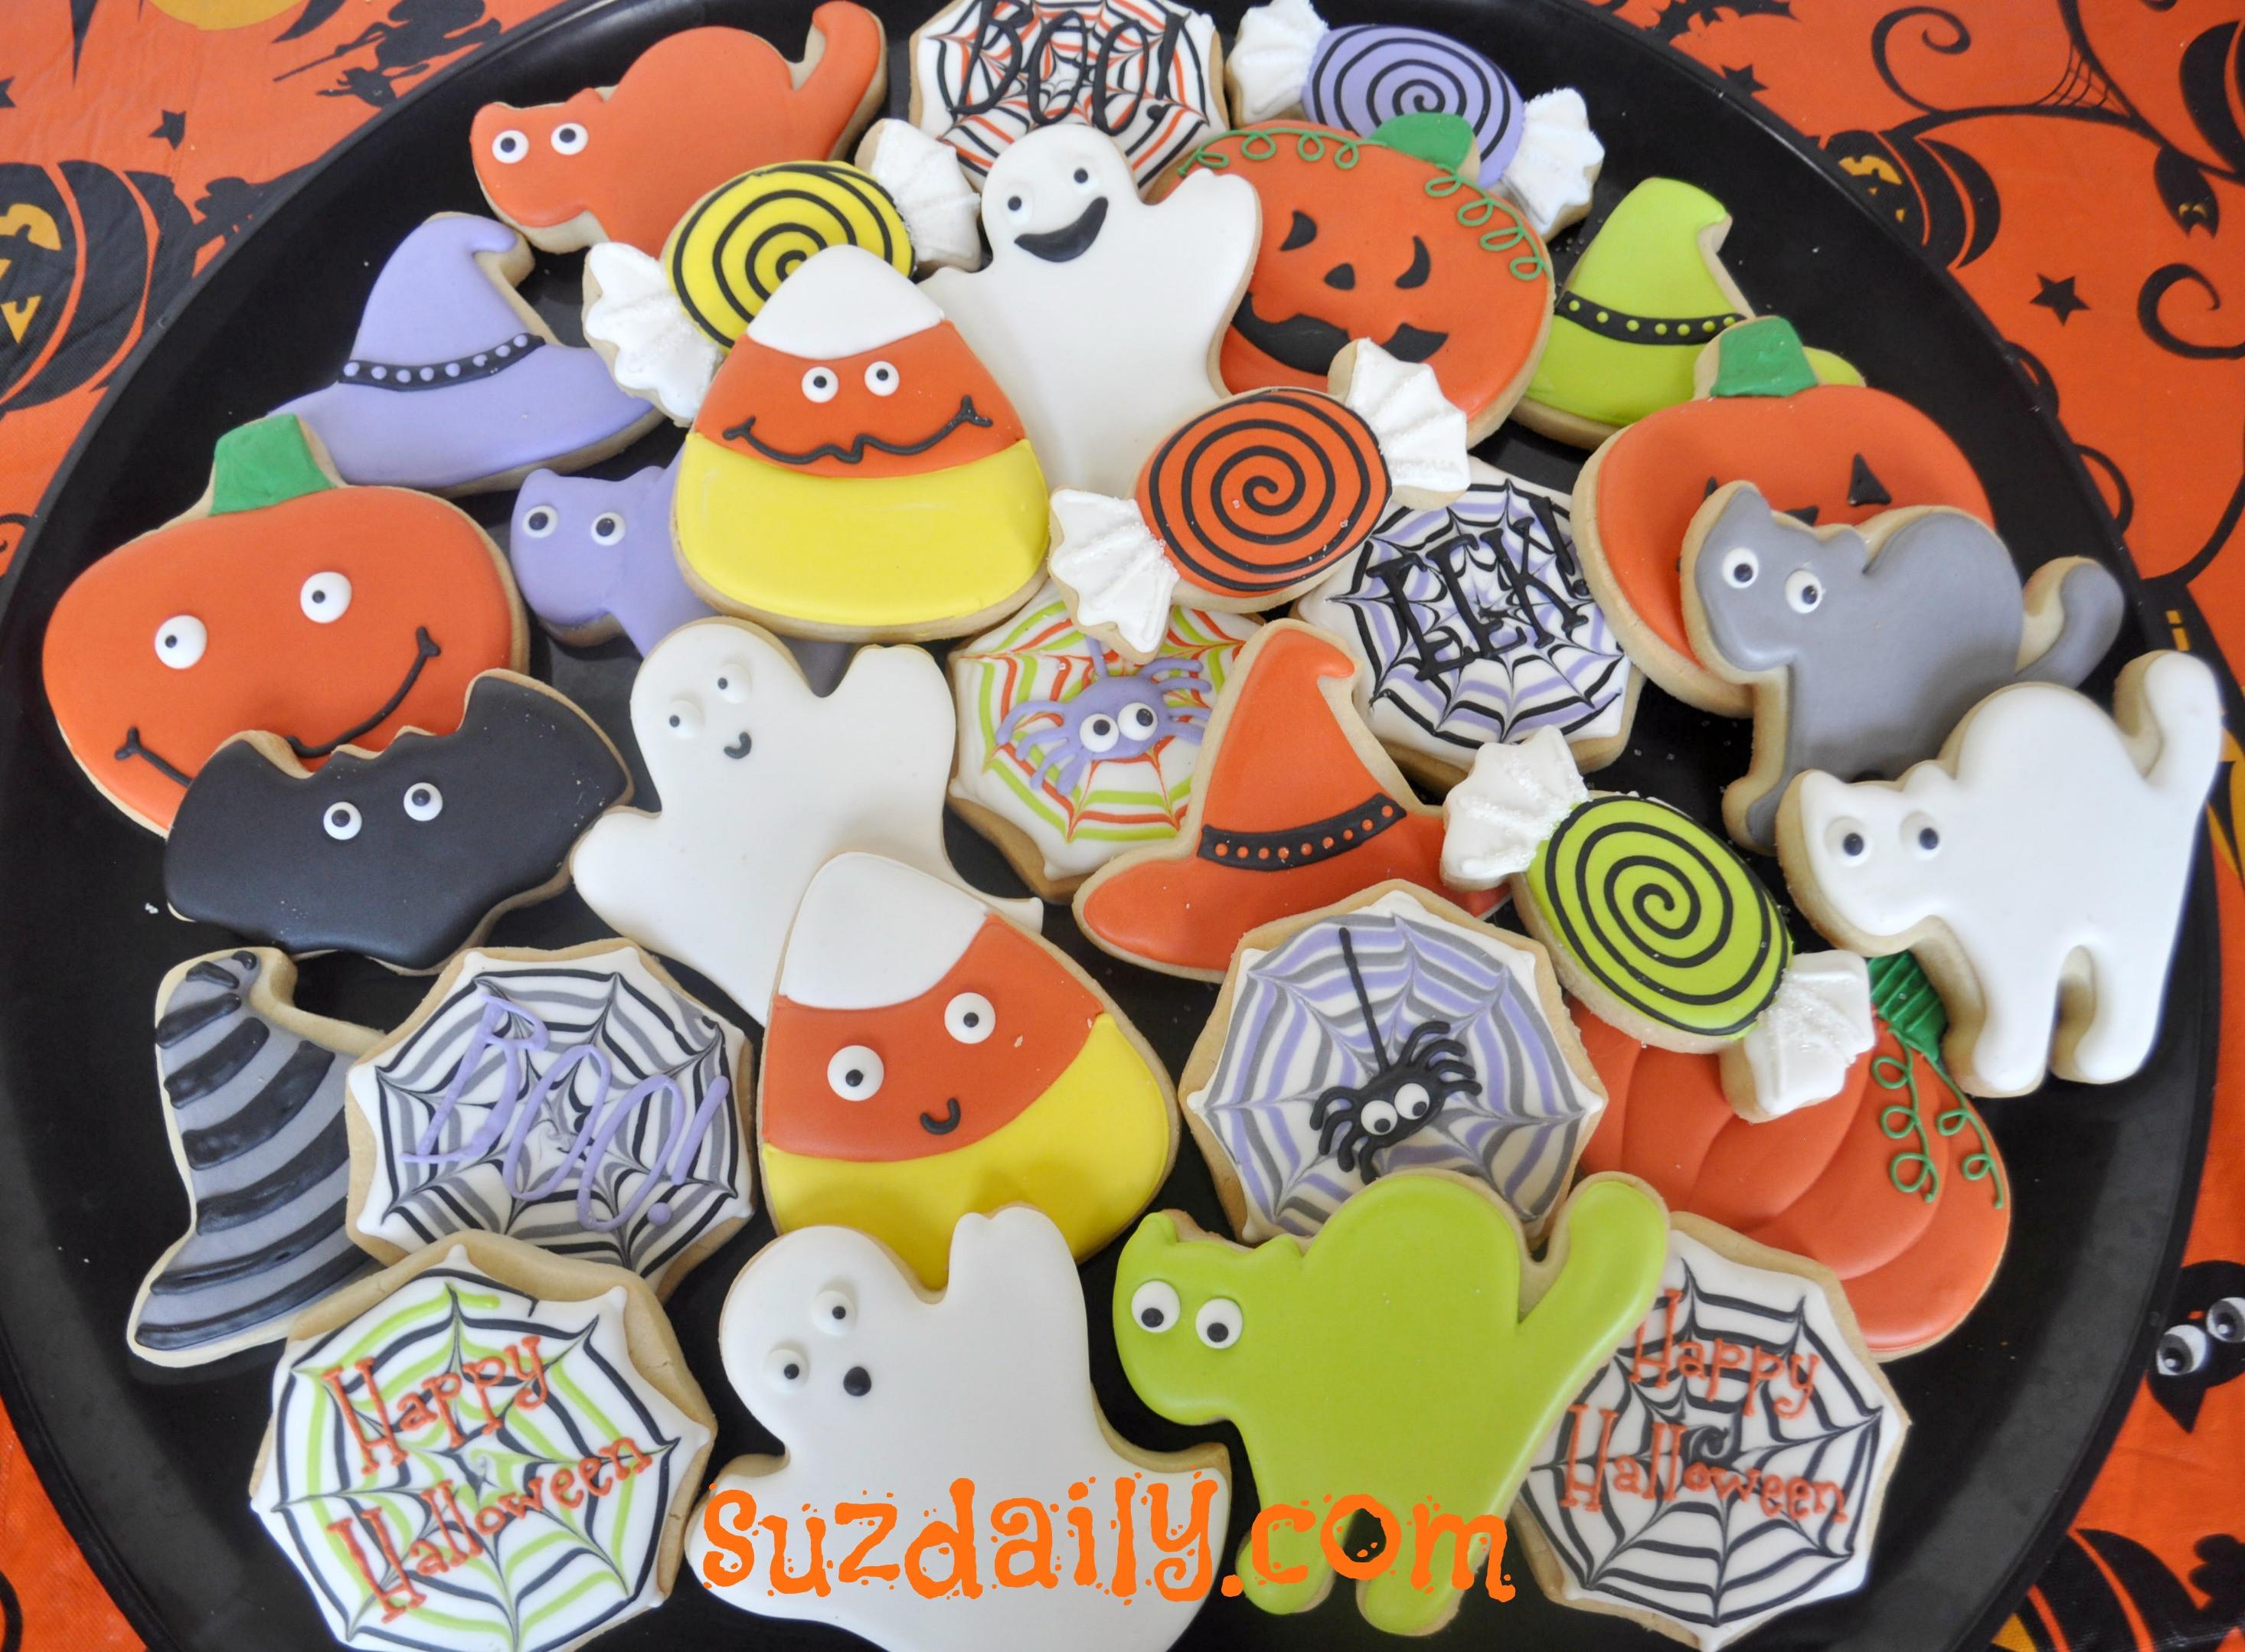 Halloween Decorating Cookies  Halloween – Suz Daily